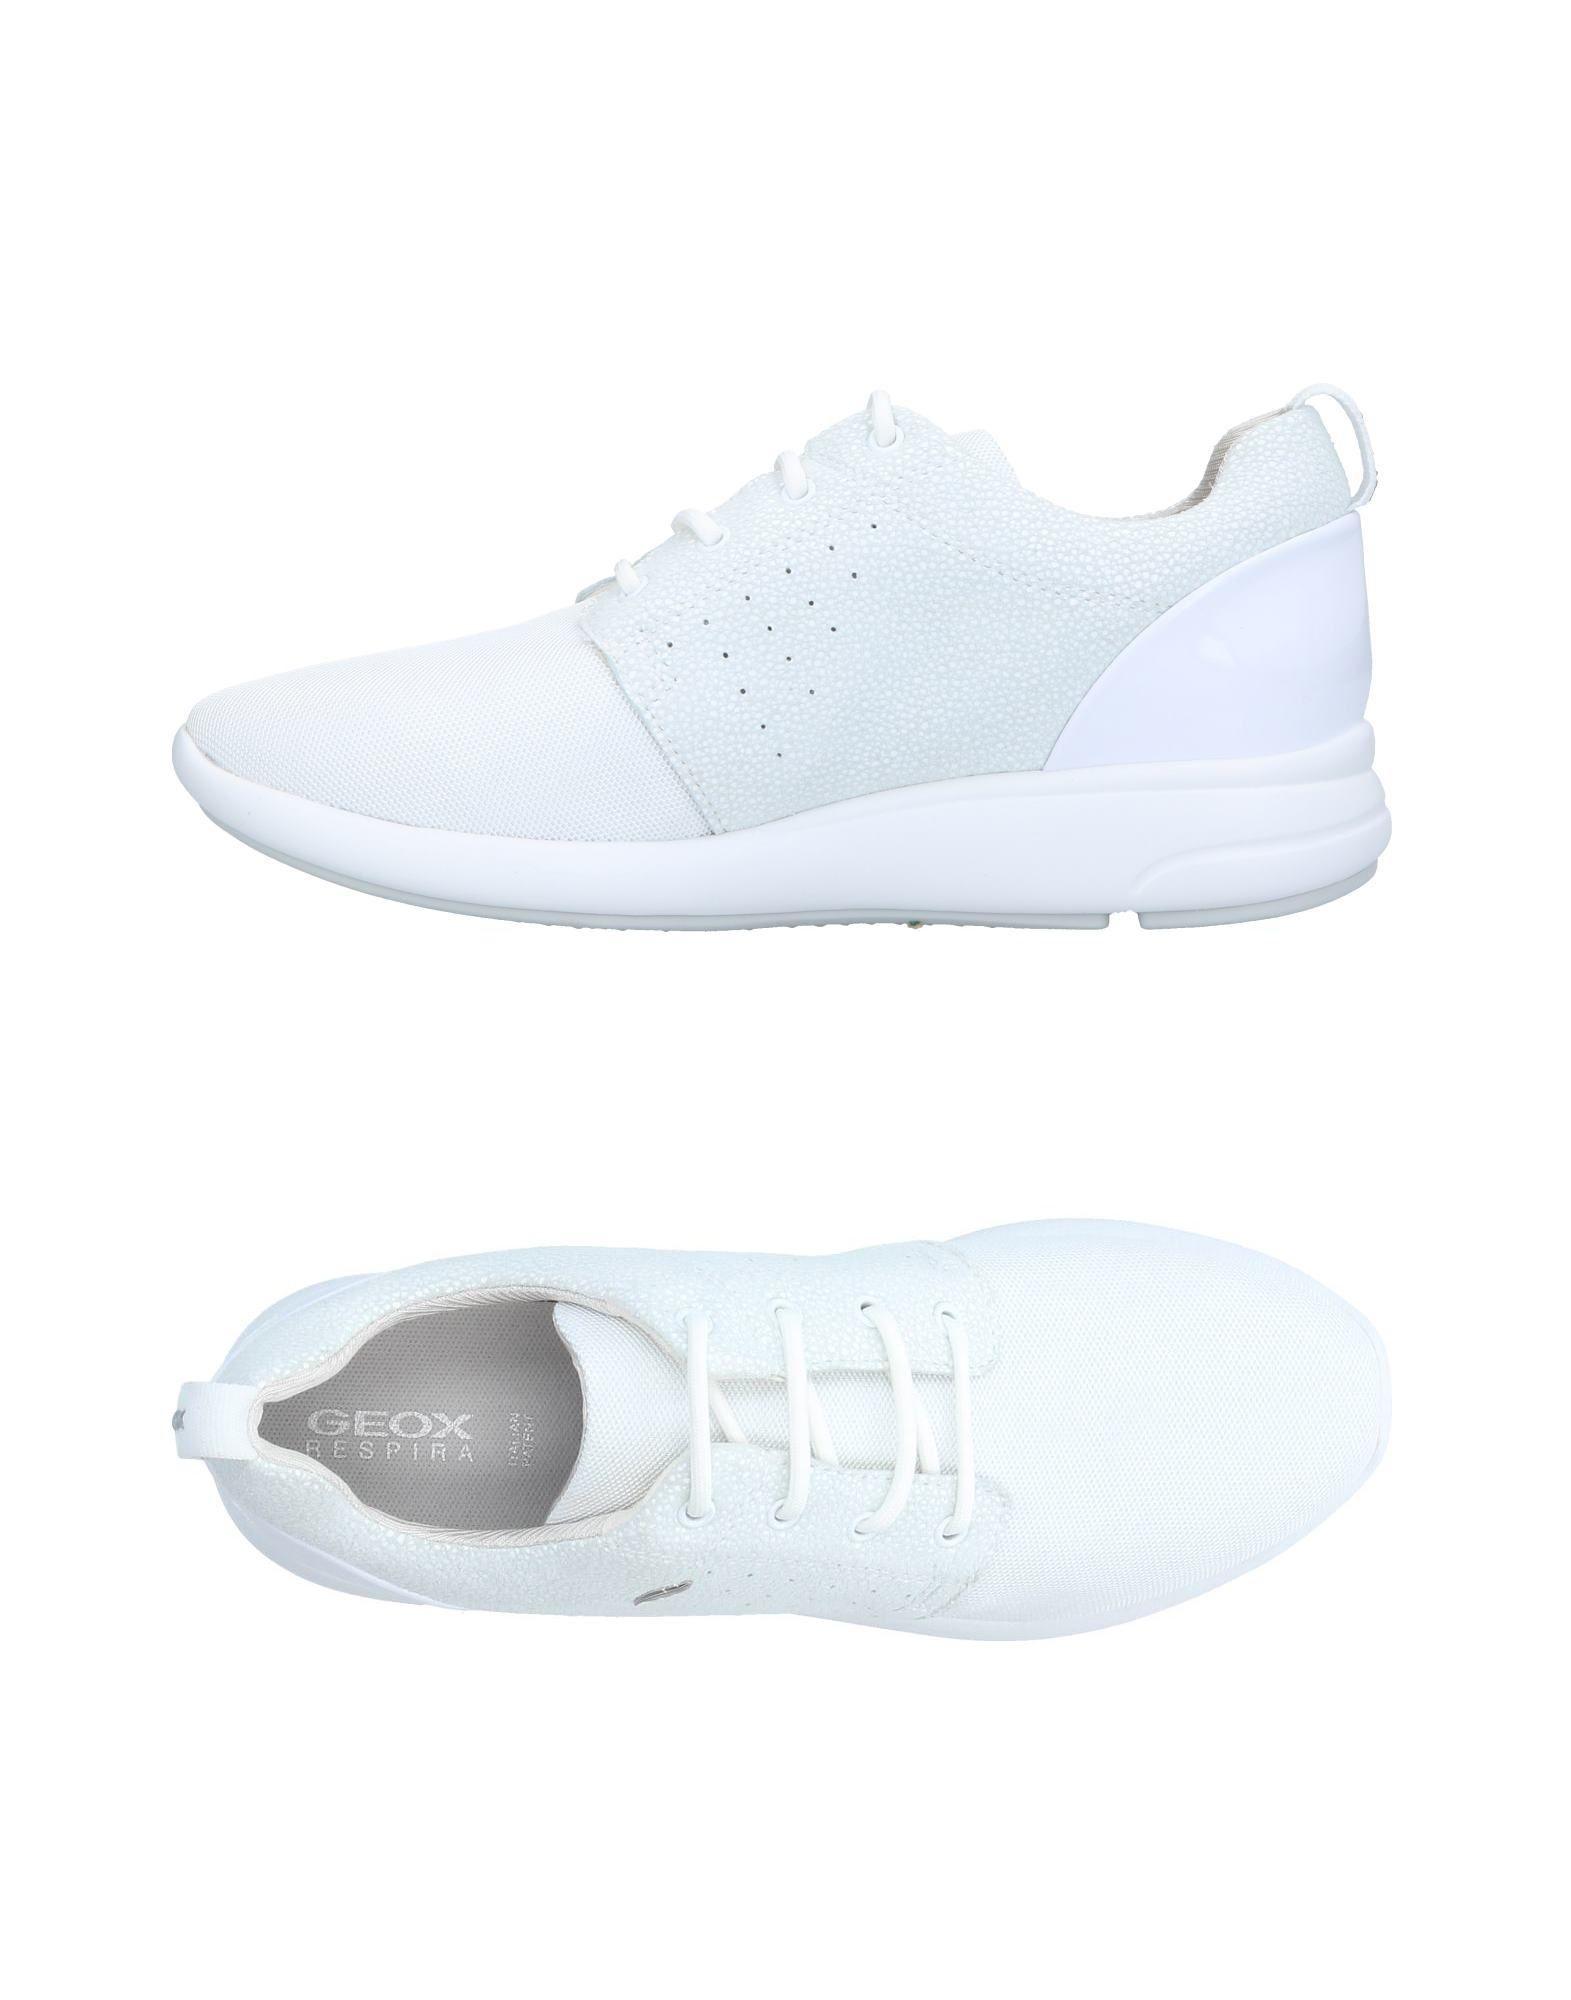 Geox  Sneakers Damen  11389884WA  Geox 1f5627